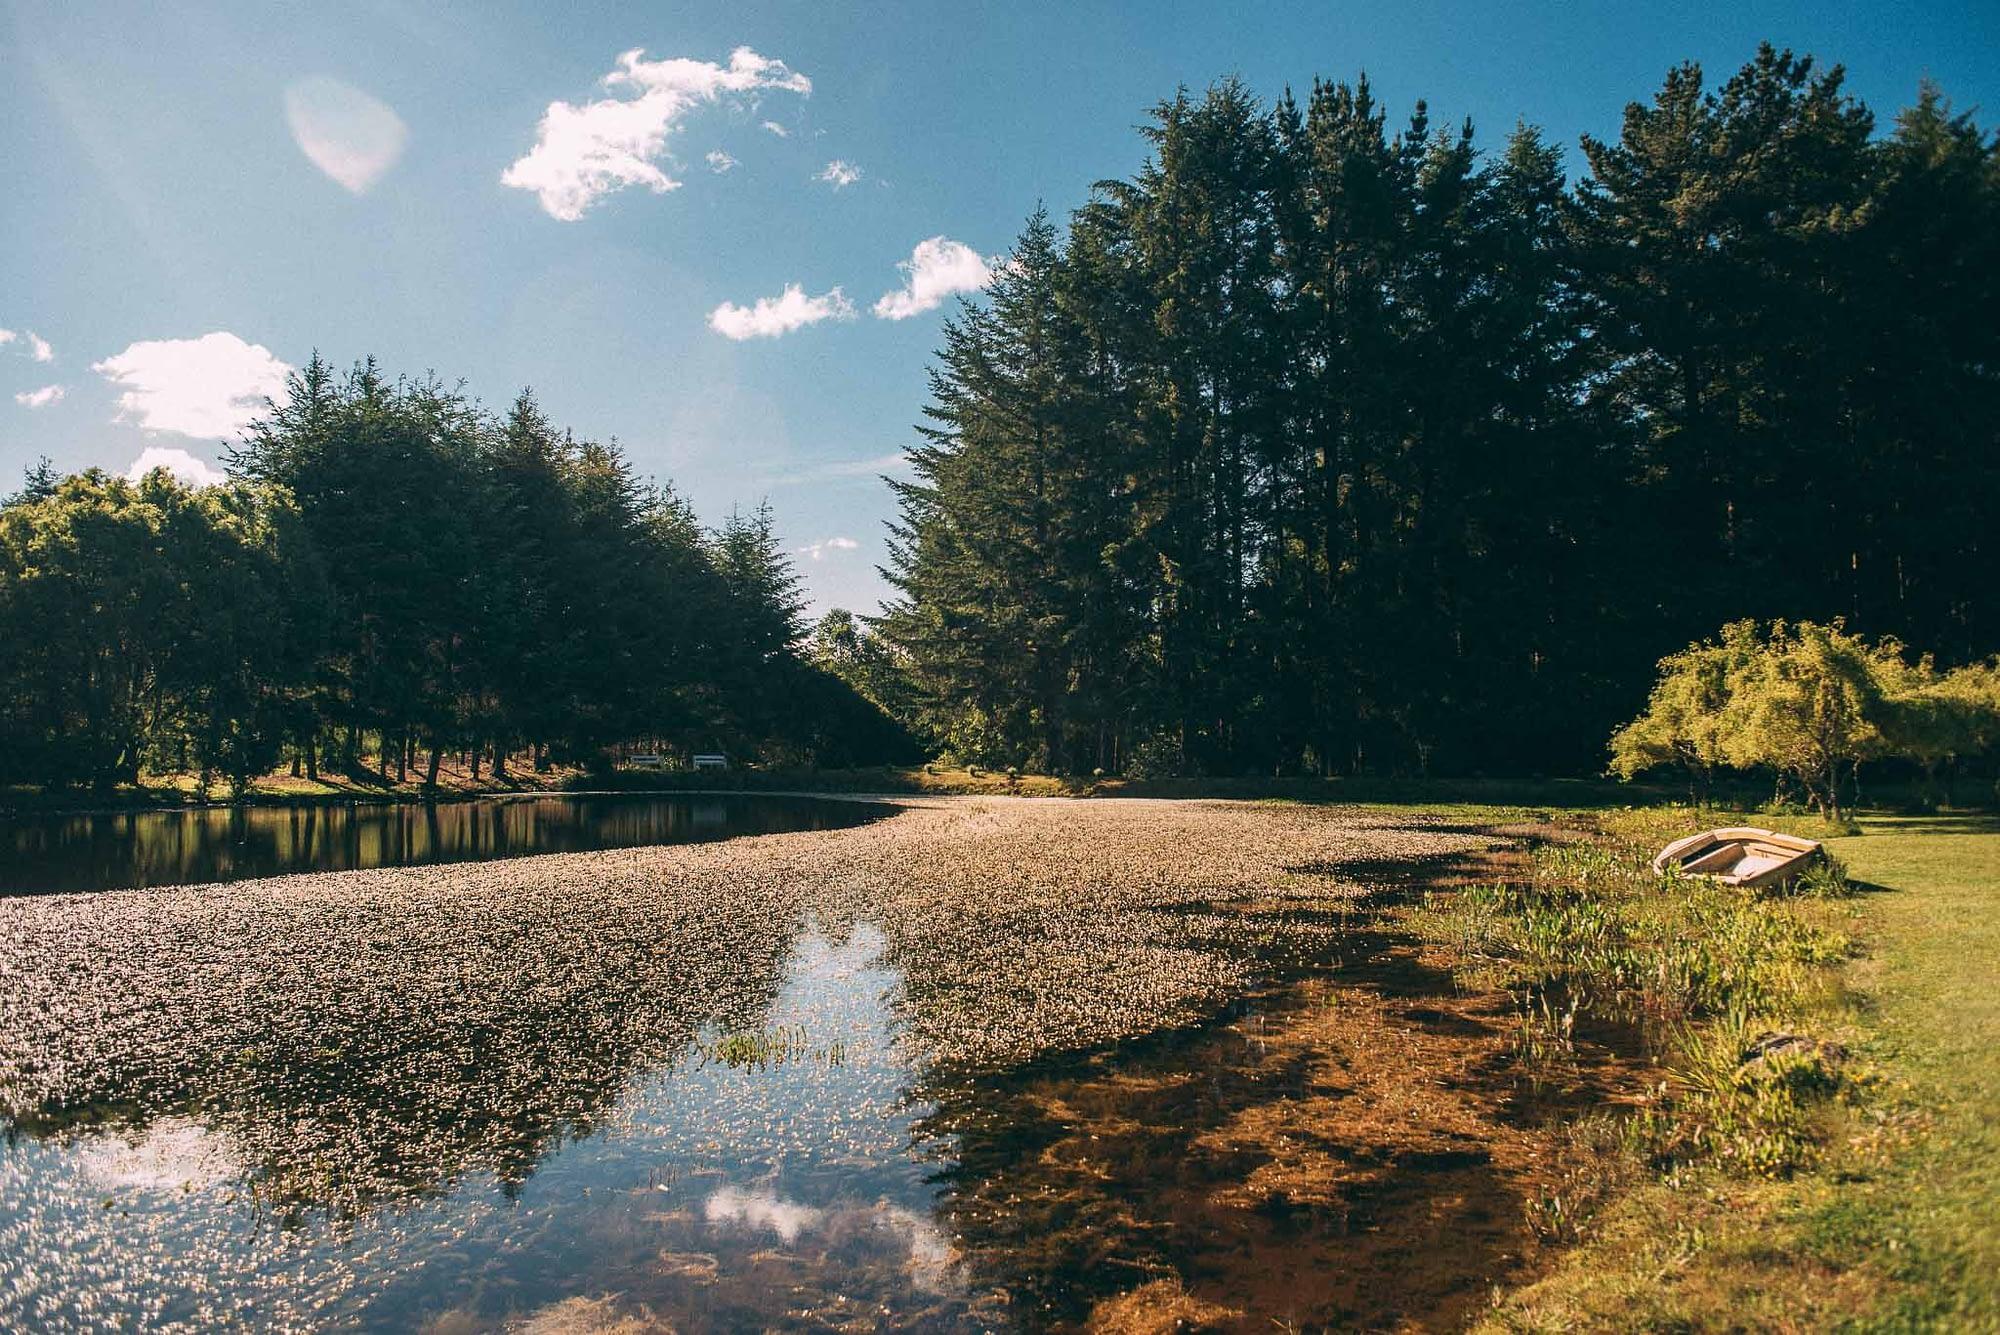 la fragua centro de eventos-purranque-decima region-llanquihue-matrimonio campestre-fotografo documental de matrimonios-make up-ceremonia-aire libre